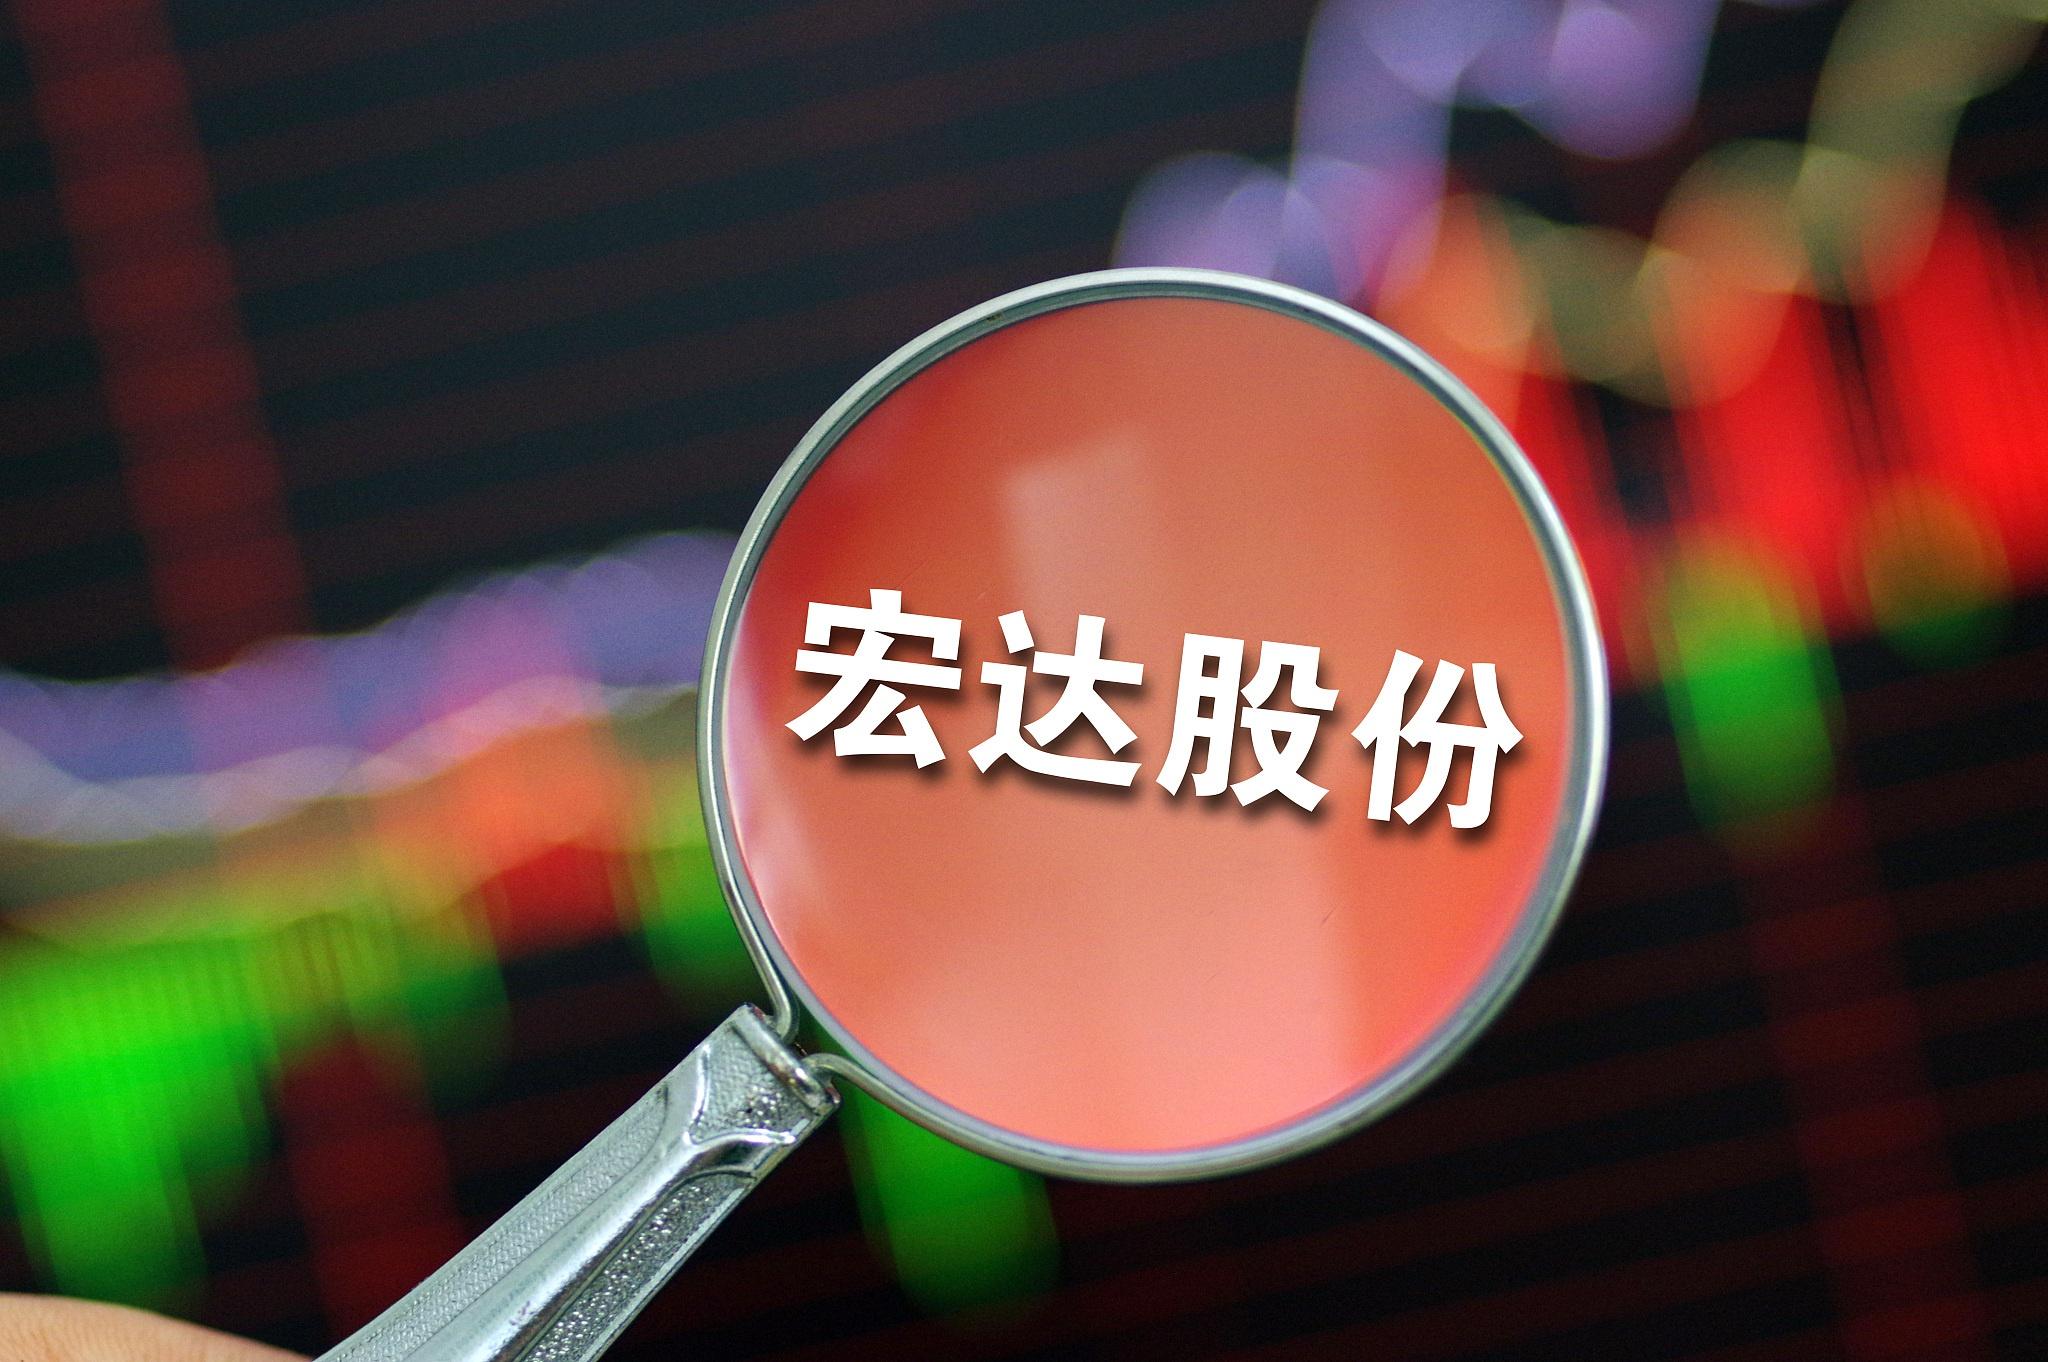 宏达股份预亏一半市值,与四川信托有关,公司曾挪用项目资金